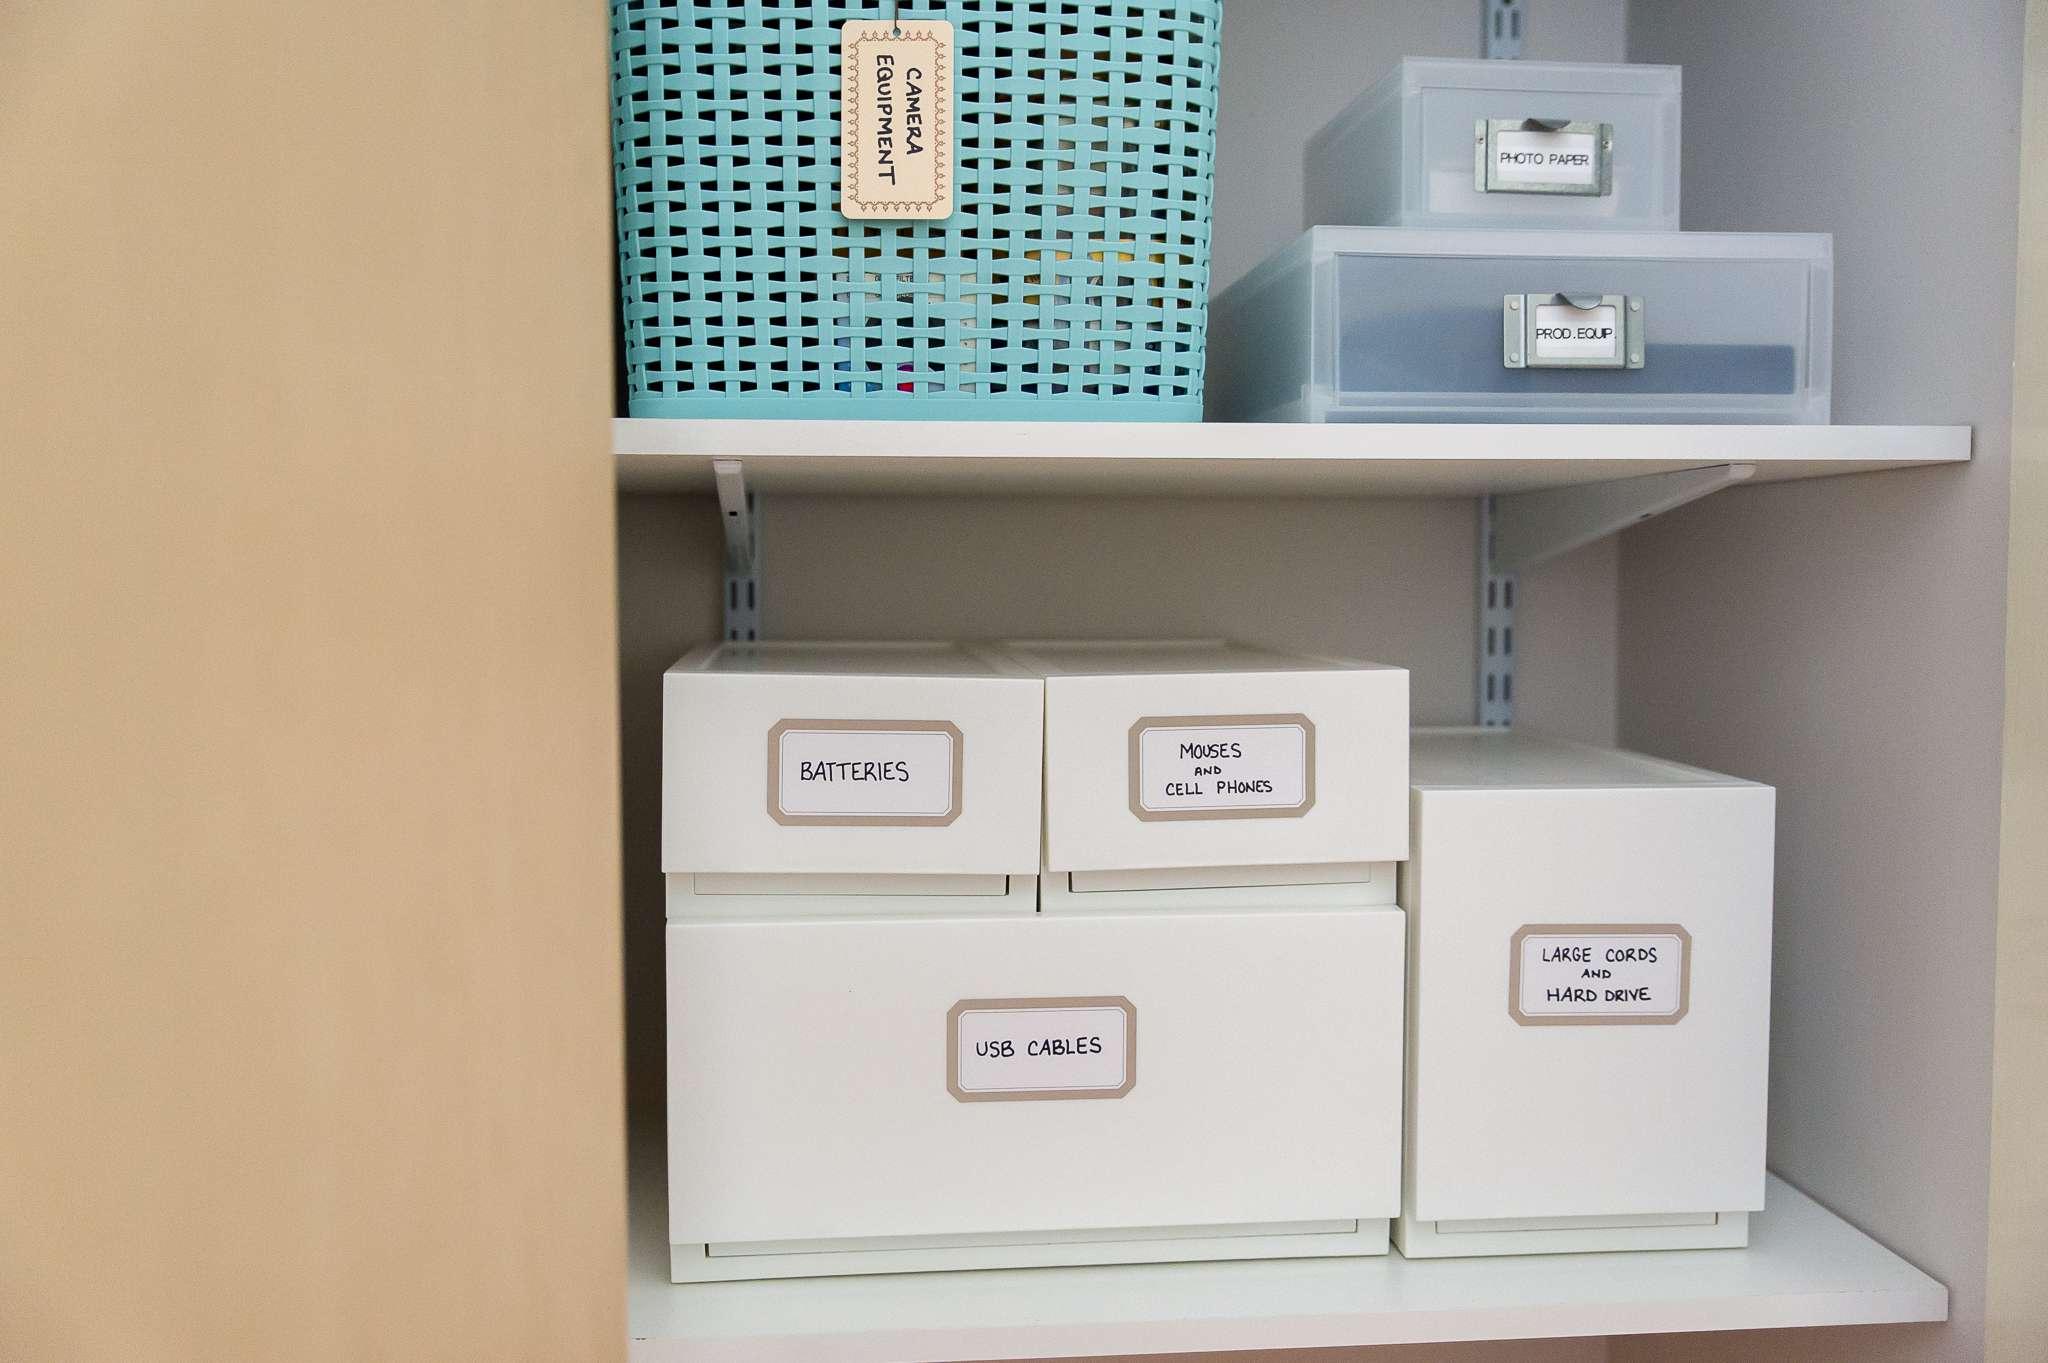 Electrónica organizada en un armario